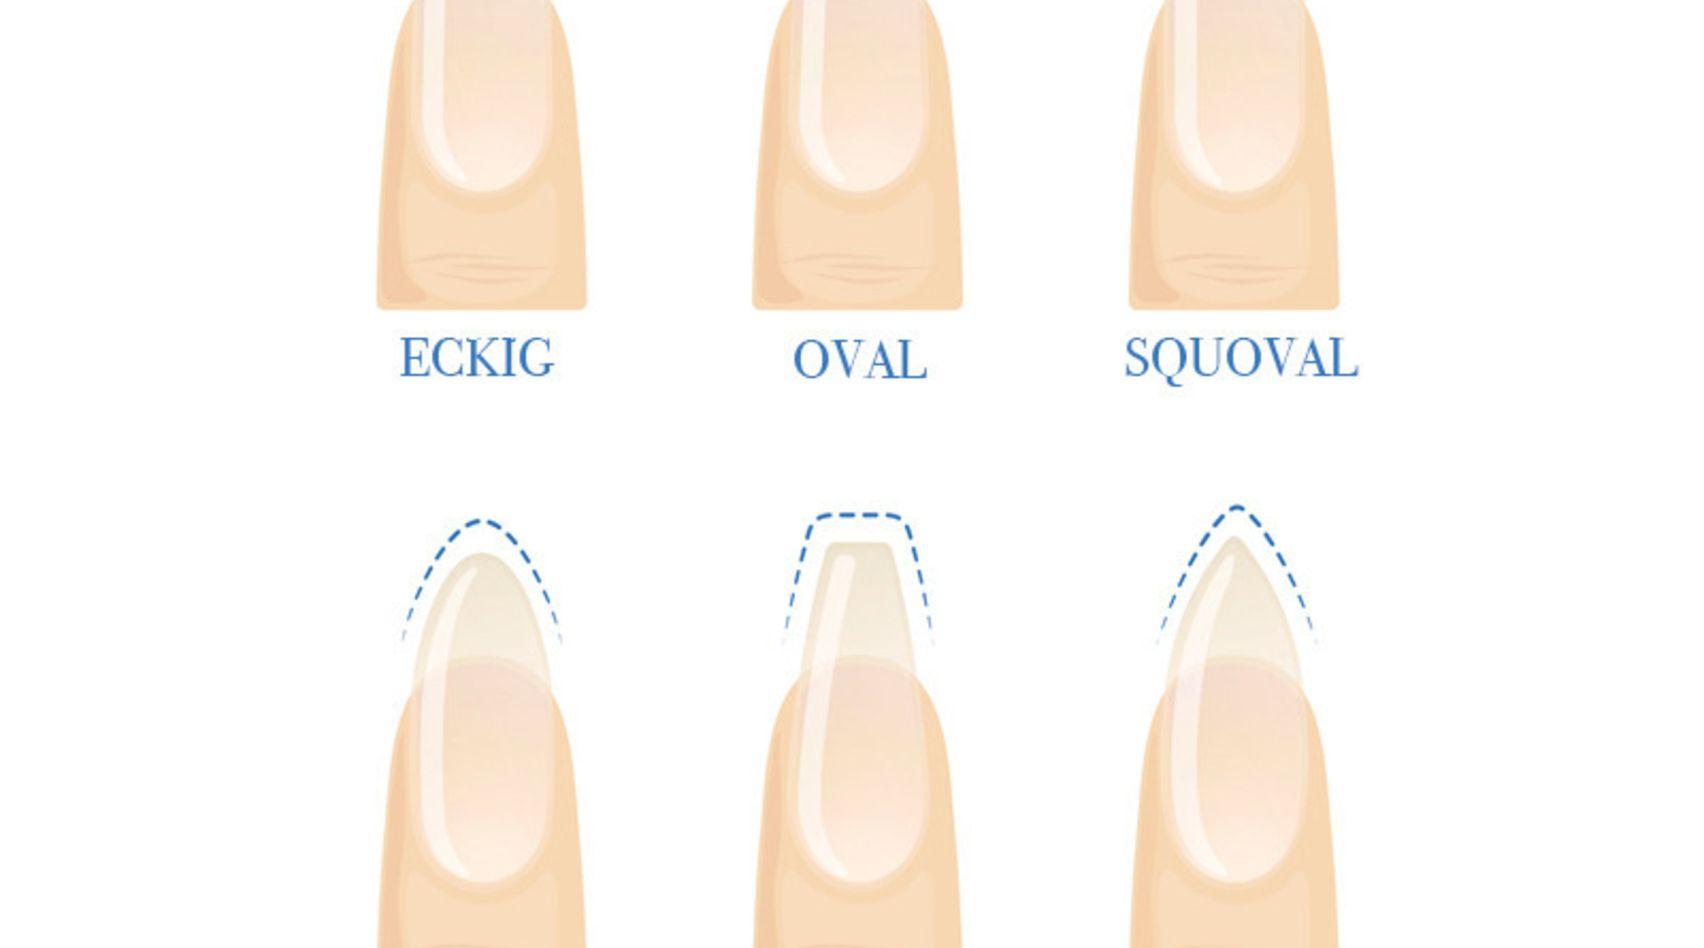 Das sind die bekanntesten Nagelformen